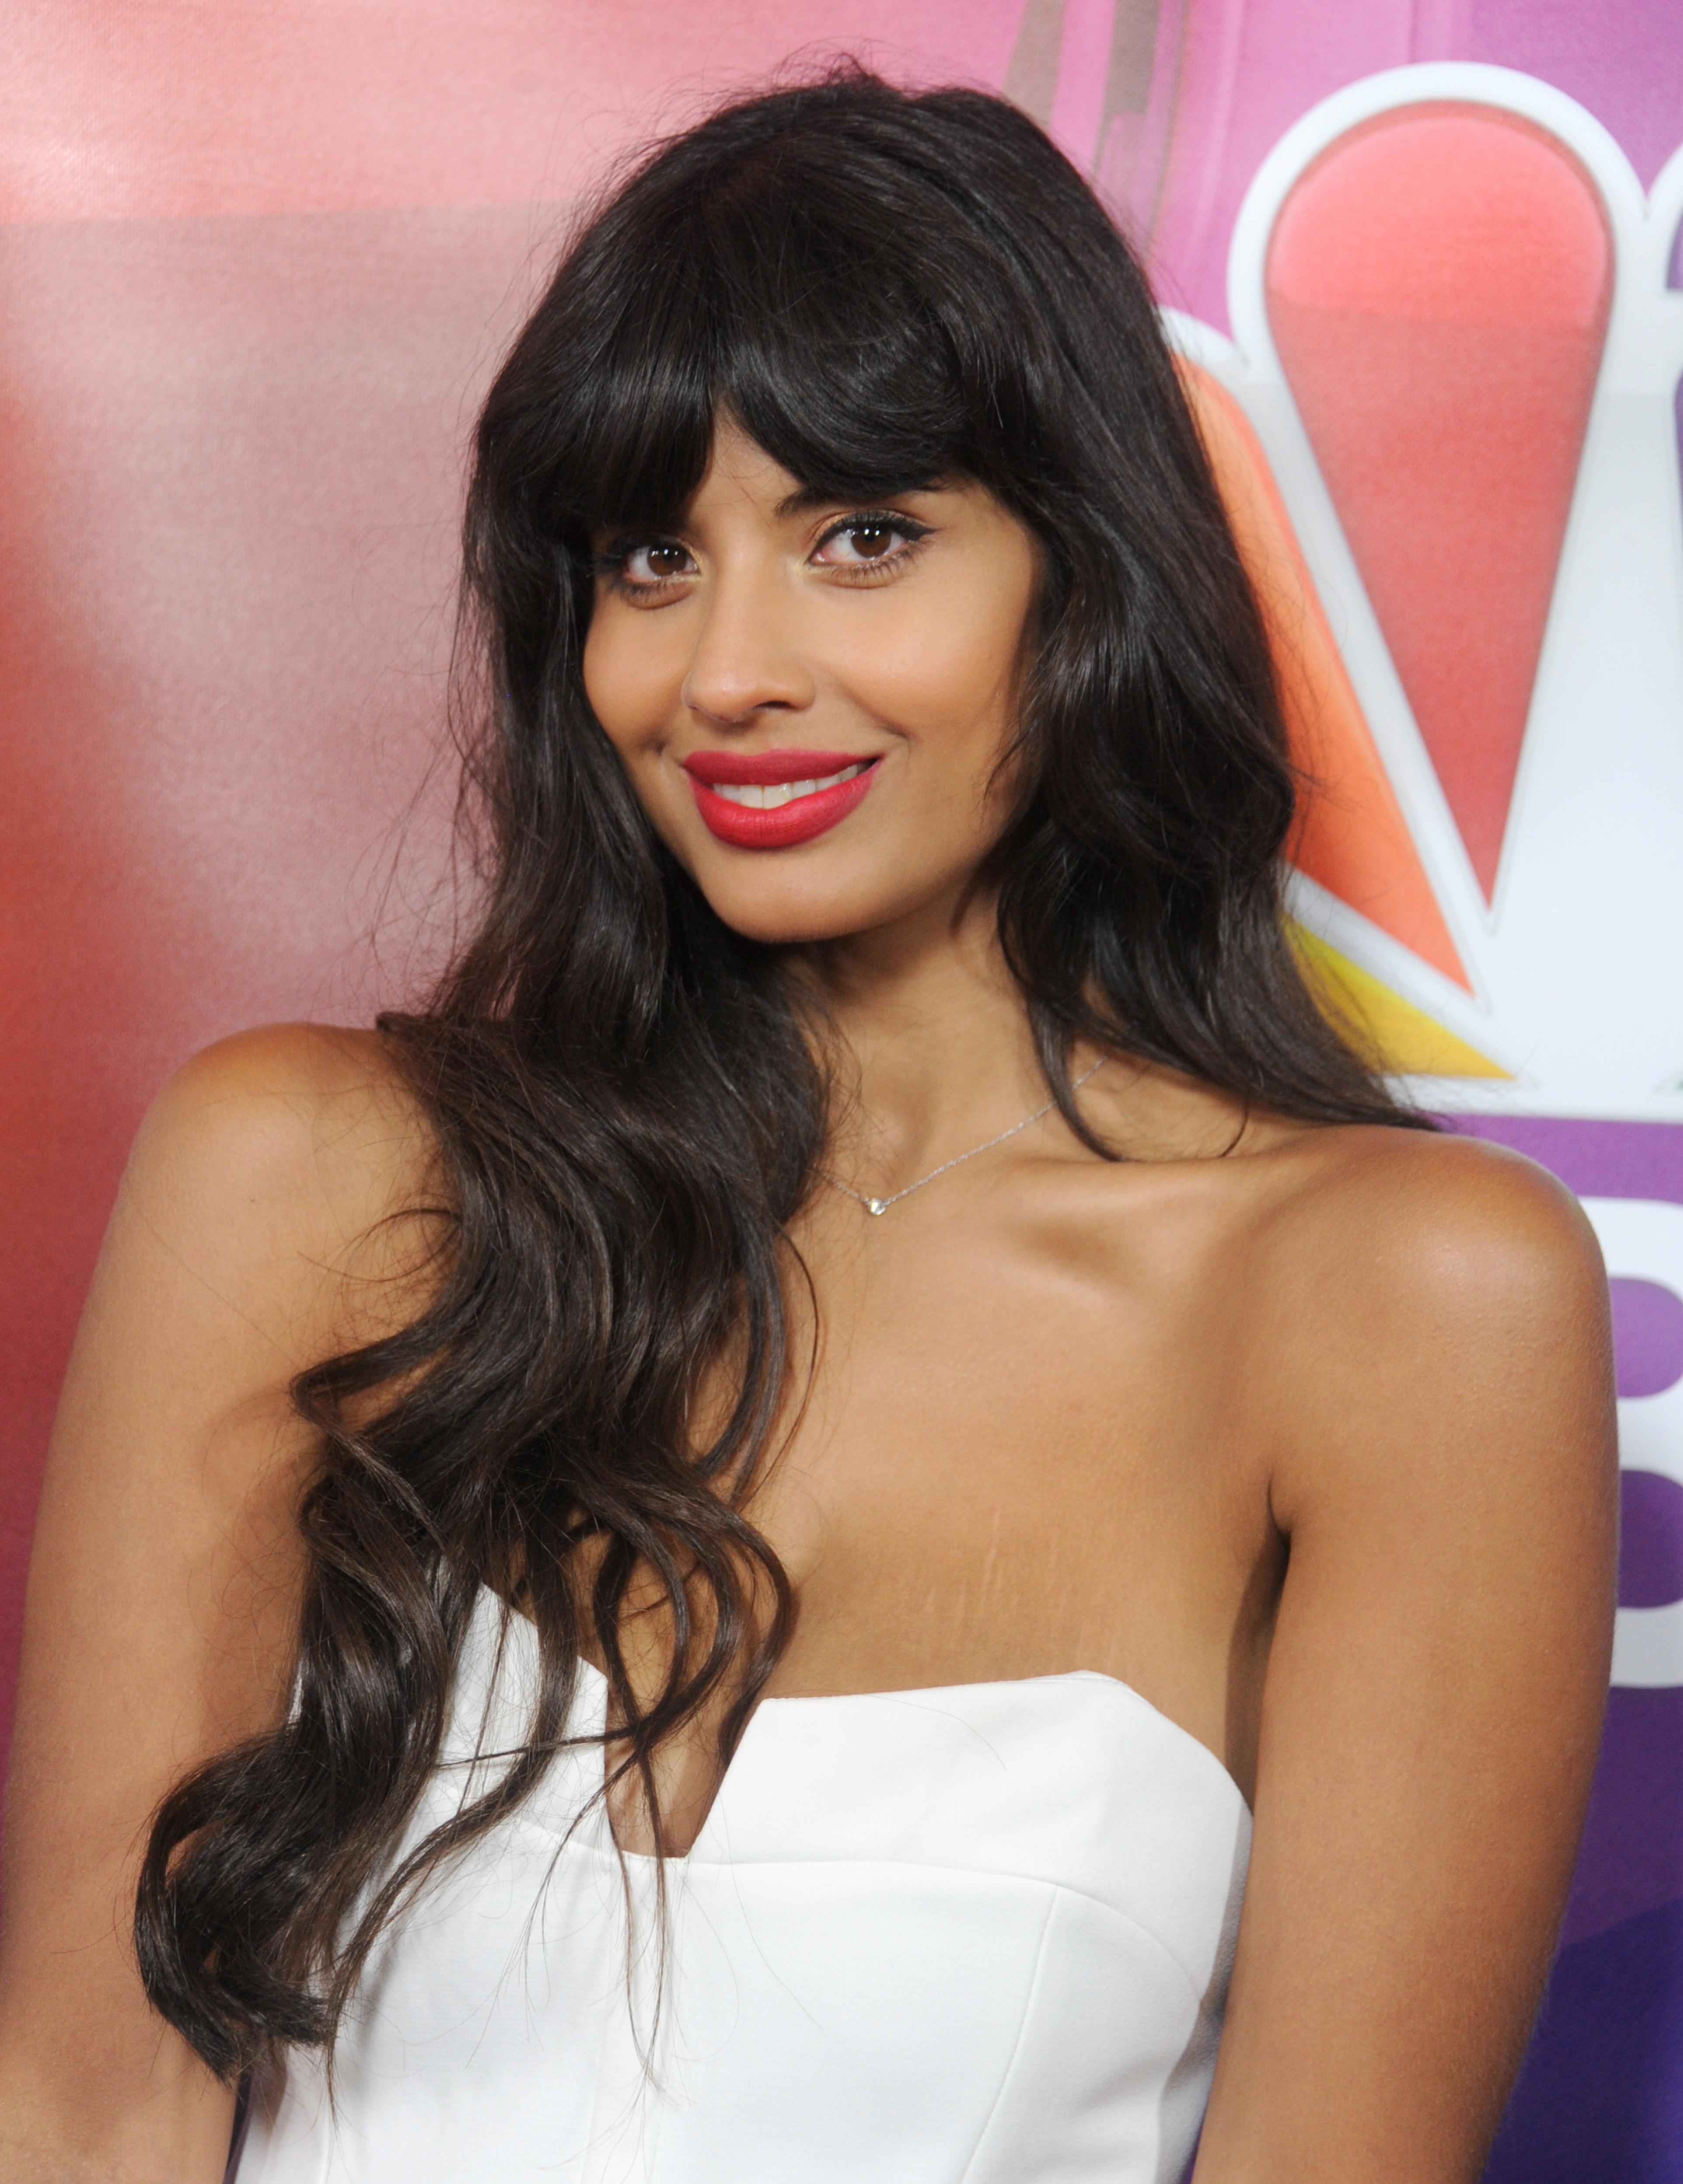 """Jameela Jamil, Aktivistin und Aktivistin für Body Positivity, hat Cardi B kürzlich dafür kritisiert, dass sie in den sozialen Medien für """"Detox-Tee mit Unsinn"""" geworben hat"""